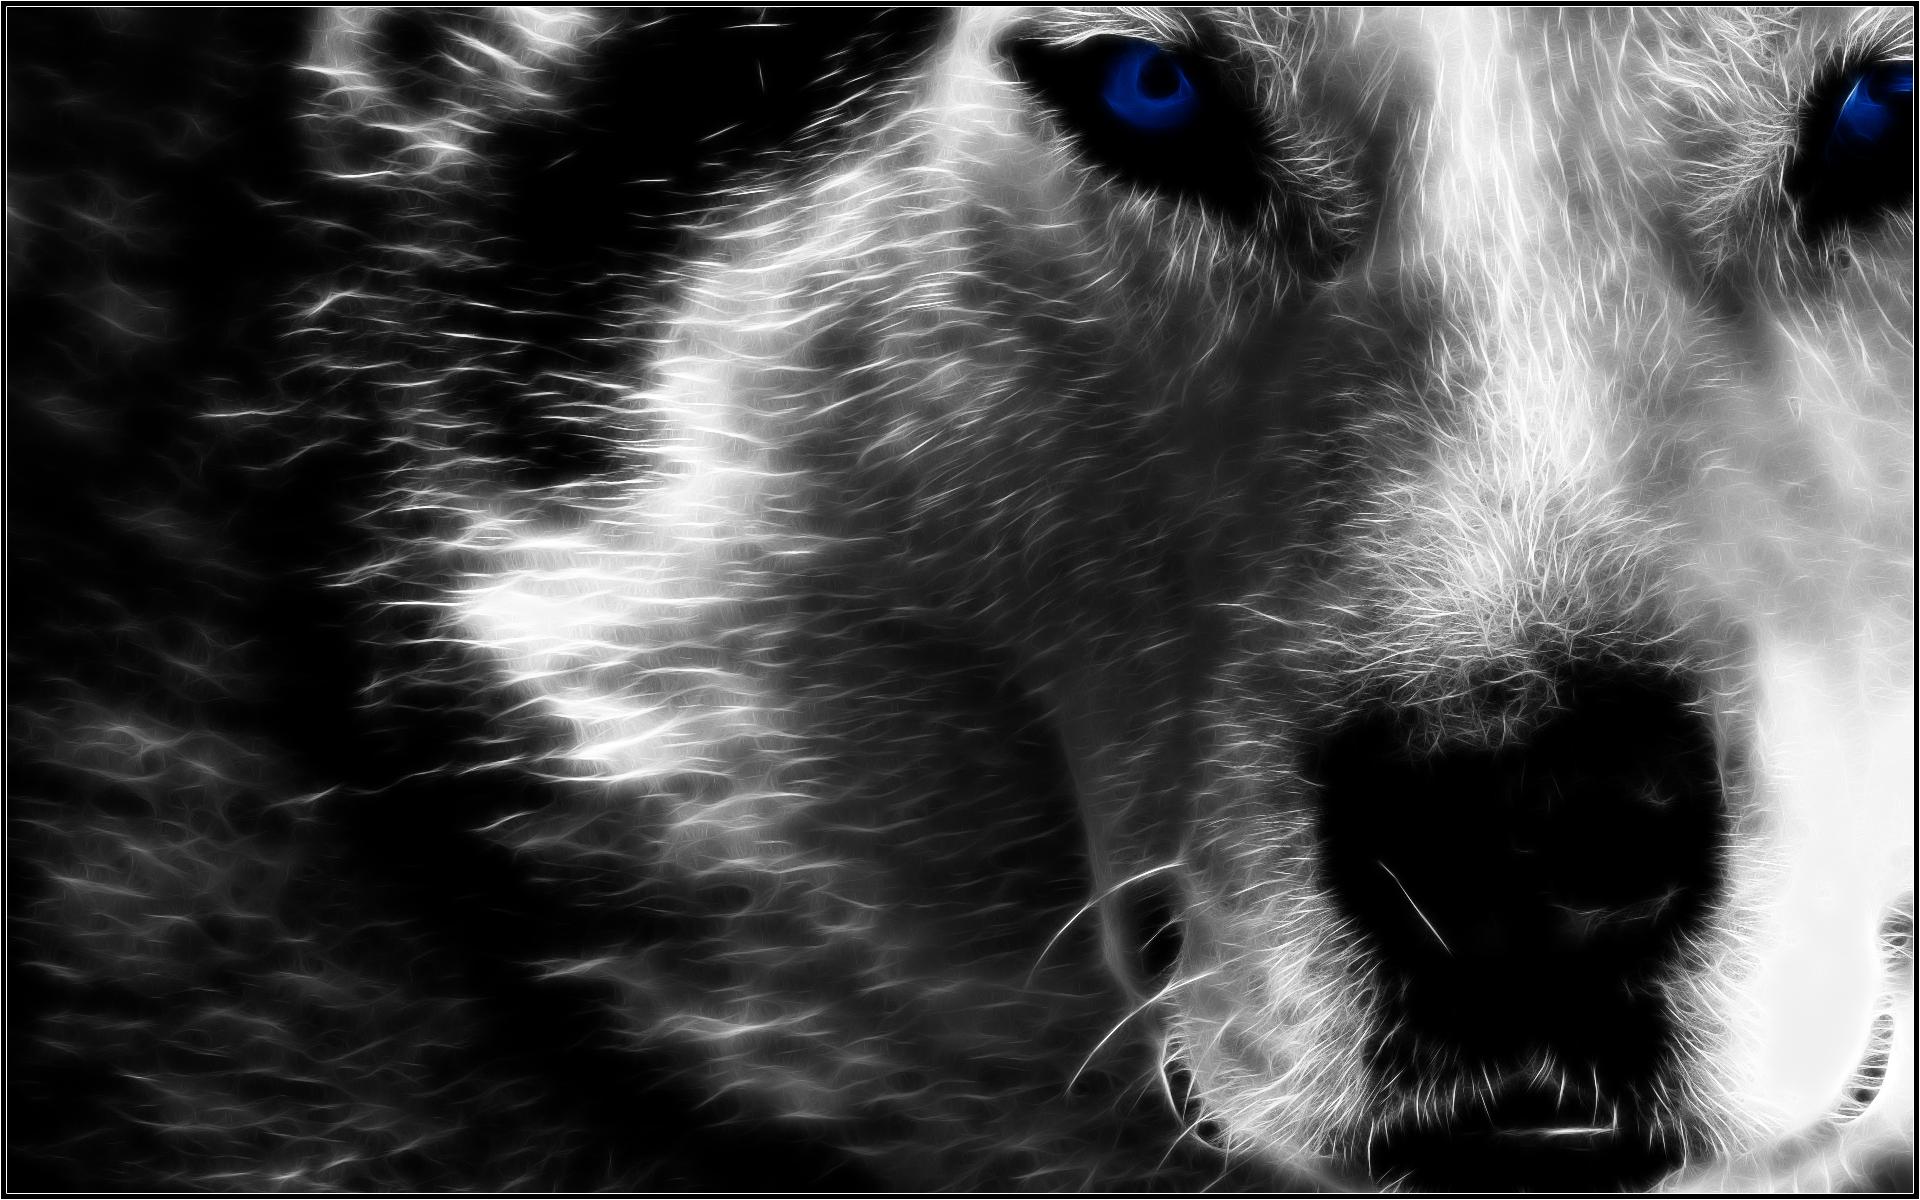 Animal Para Fondo De Pantalla: Fractal Wolf Fondo De Pantalla HD